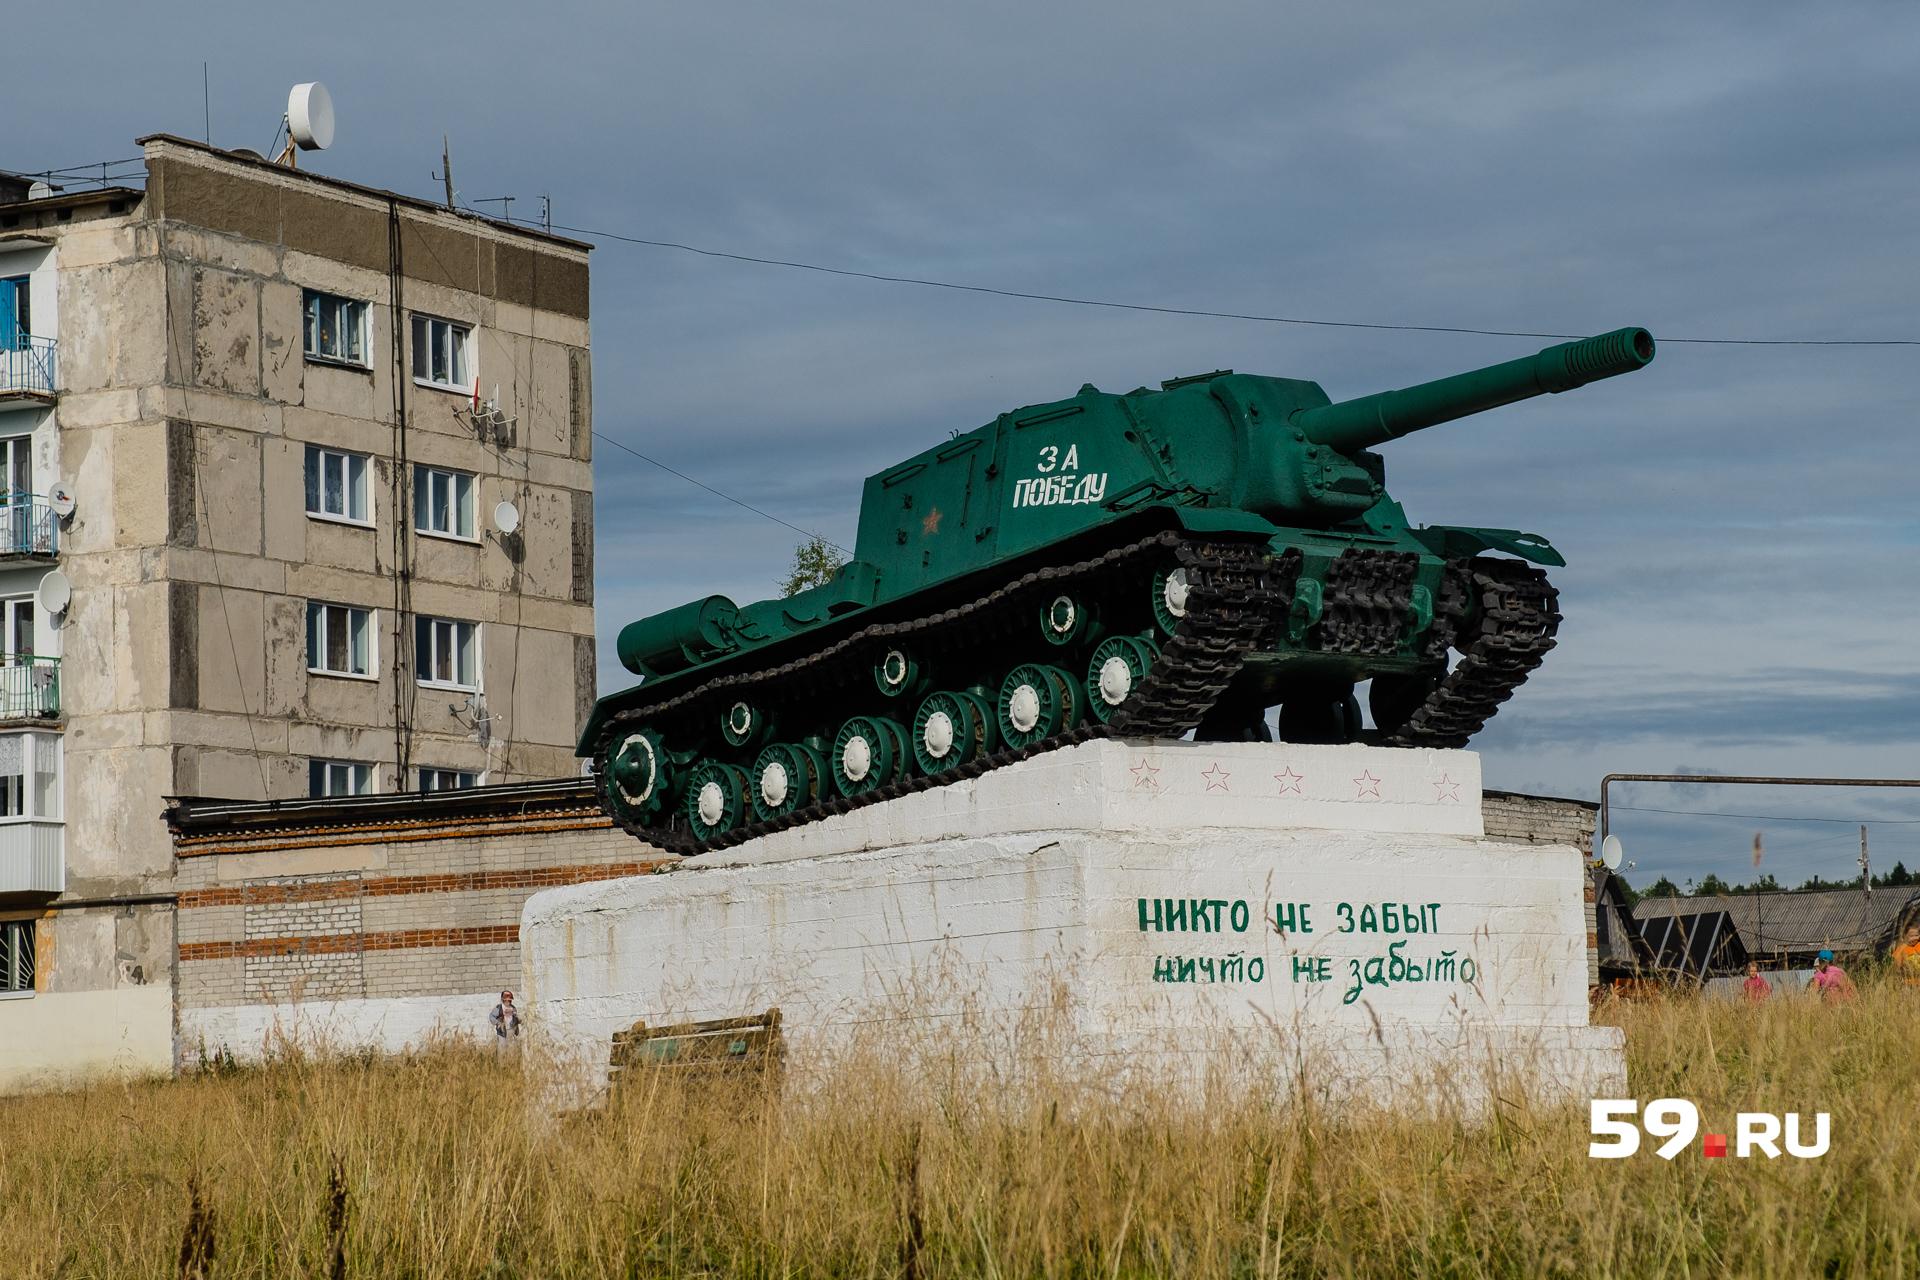 Возле разрушенных зданий — памятник, посвященный Великой Отечественной войне